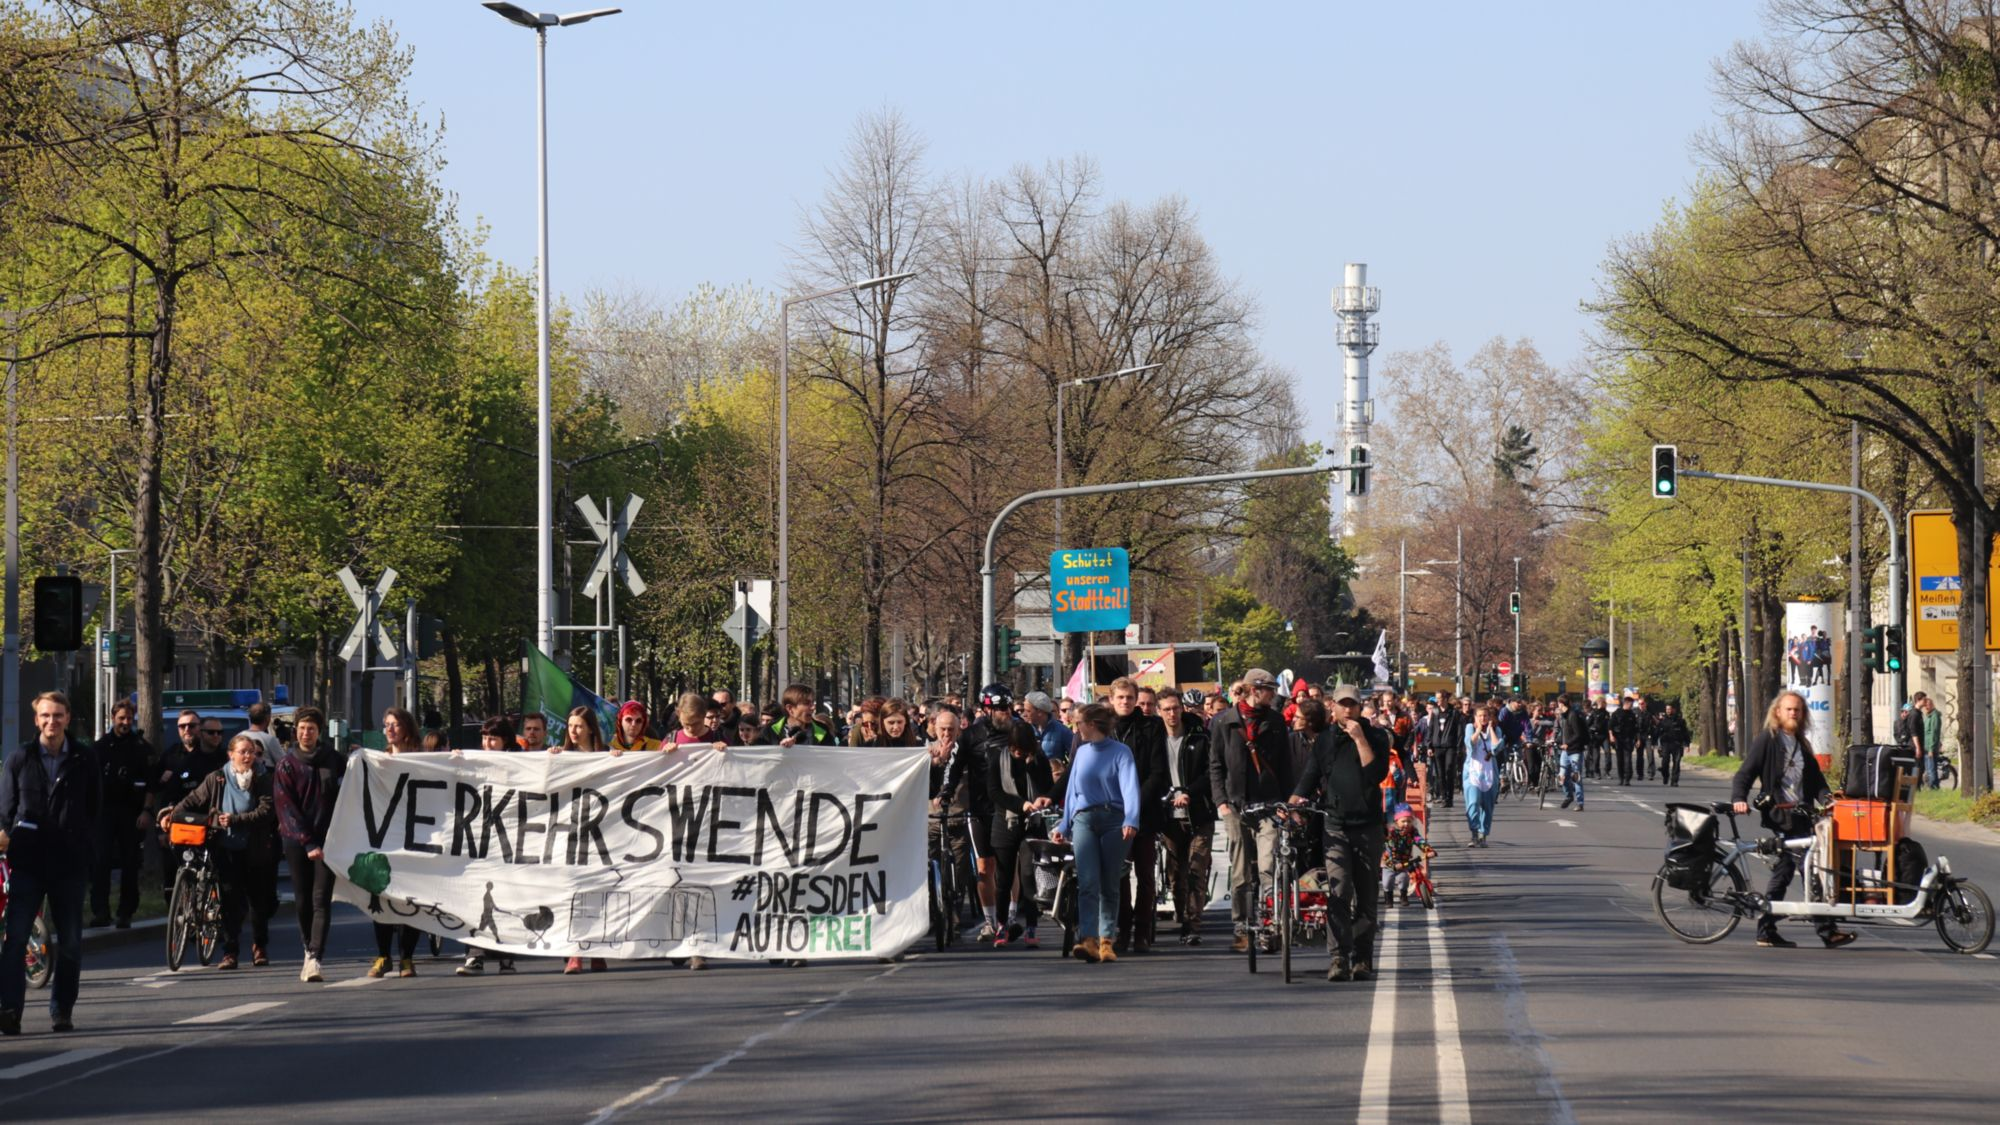 Verkehrswende-Demo auf der Albertstraße